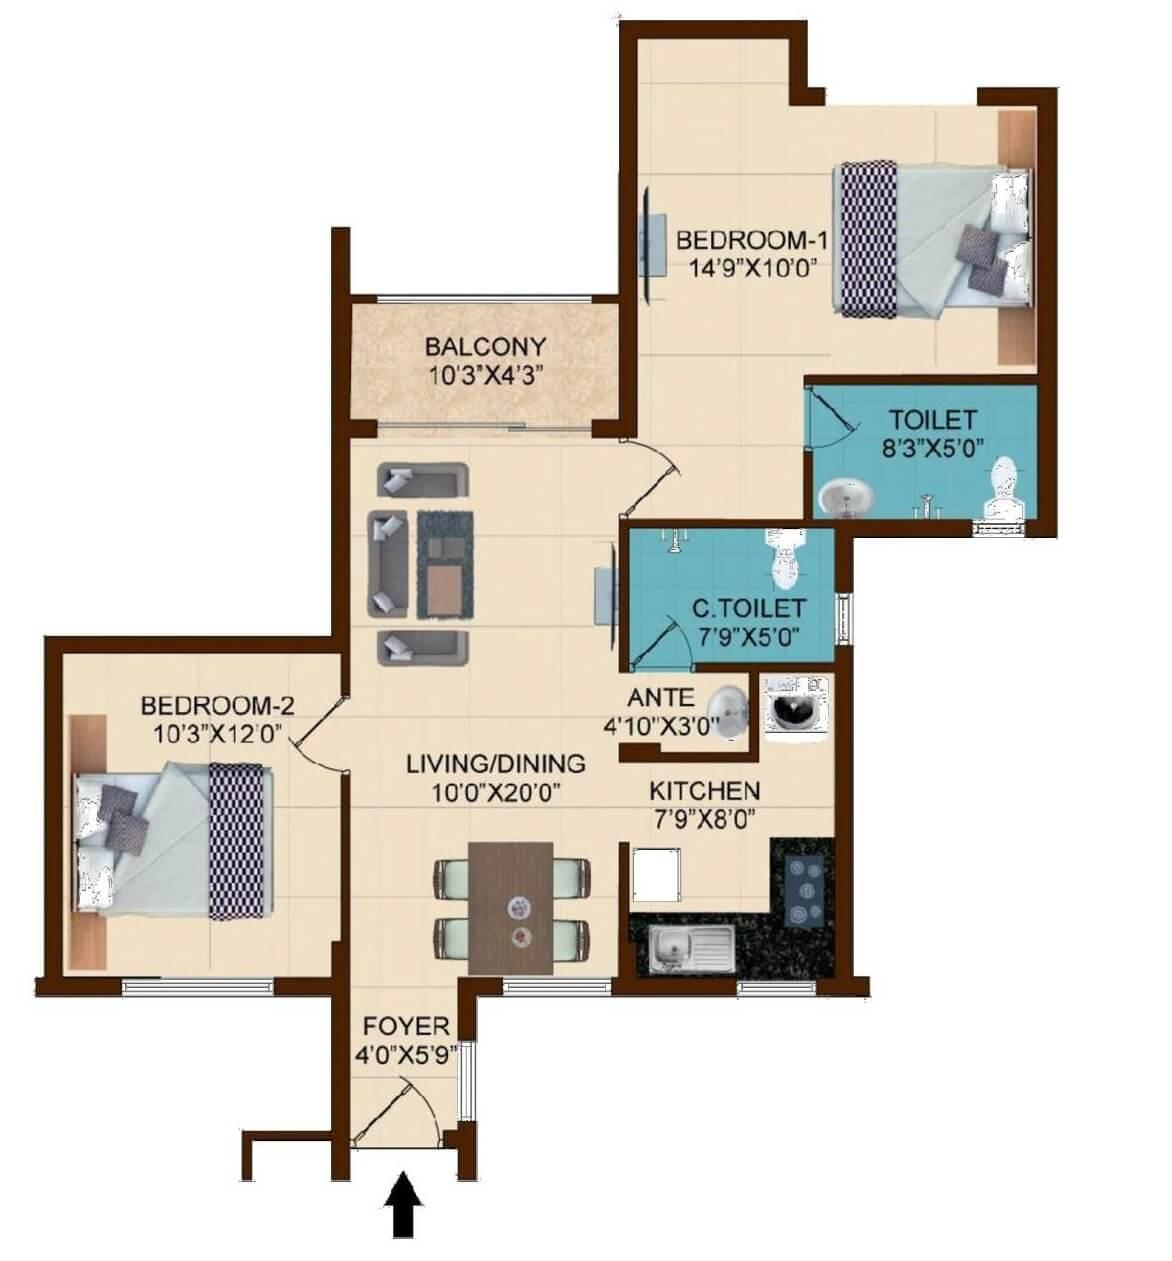 shriram temple bells apartment 2bhk 1065sqft 1